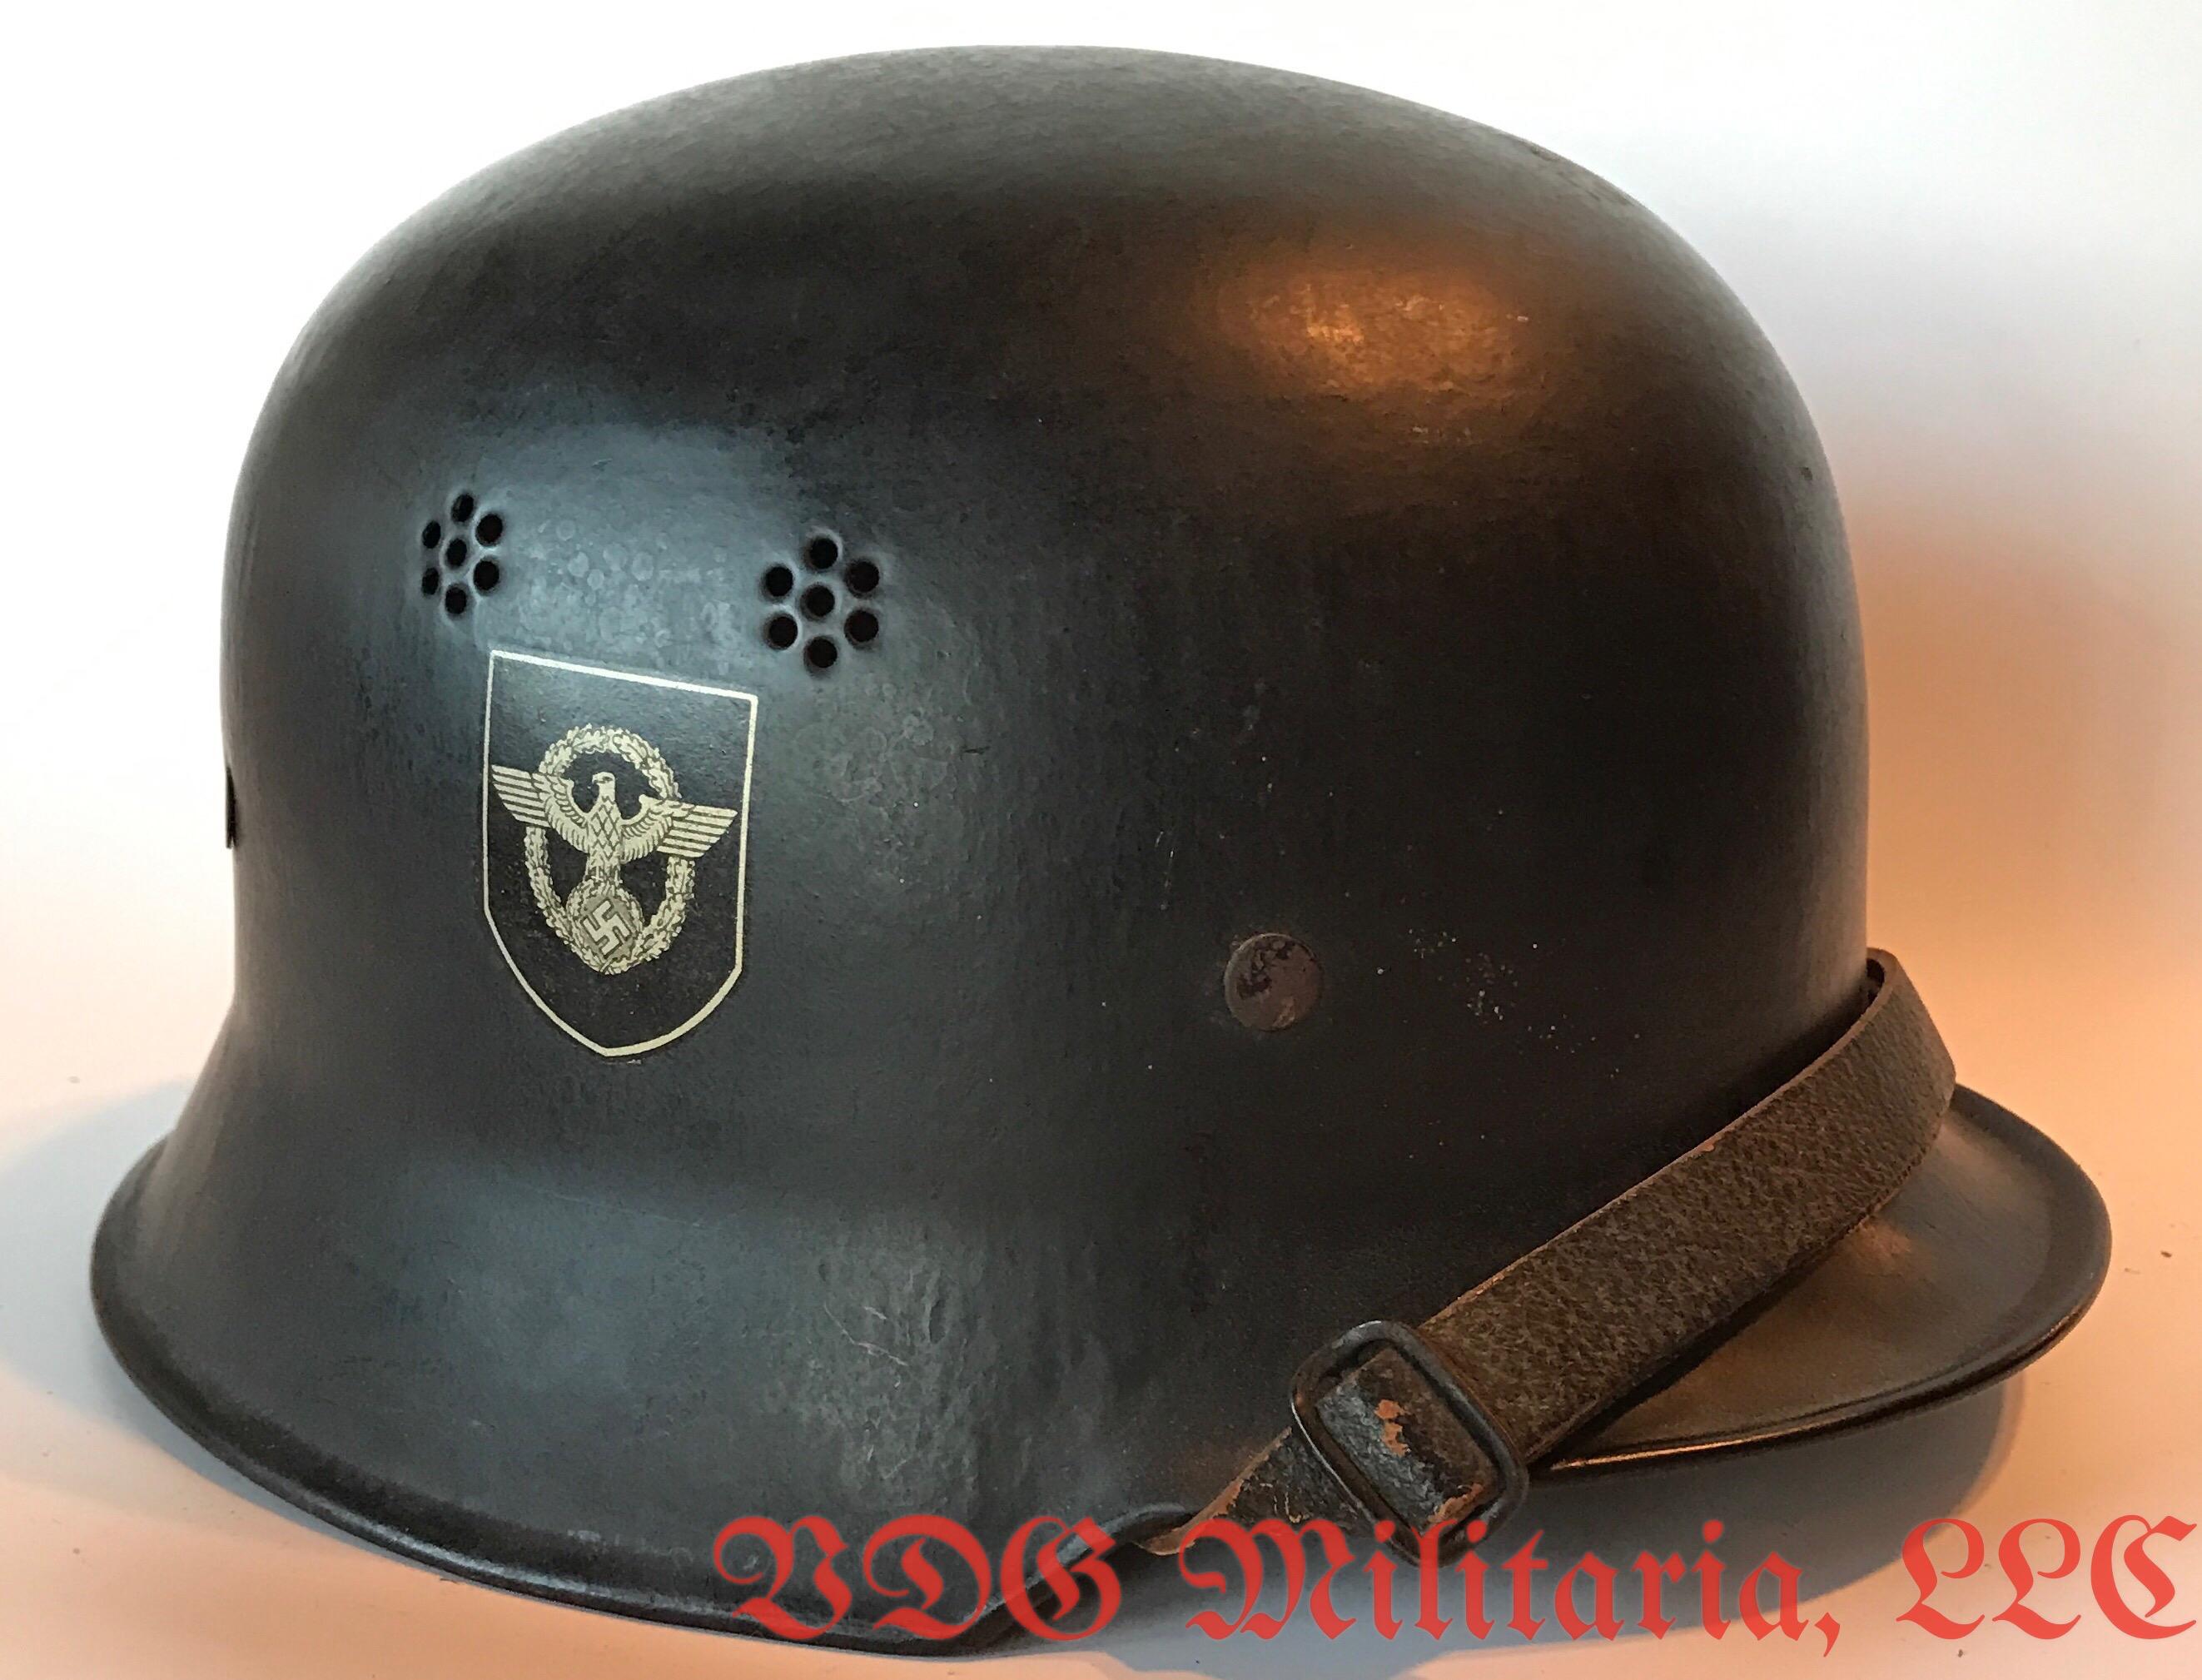 Ww2 Polizei M34 Helmet Vdg Militaria